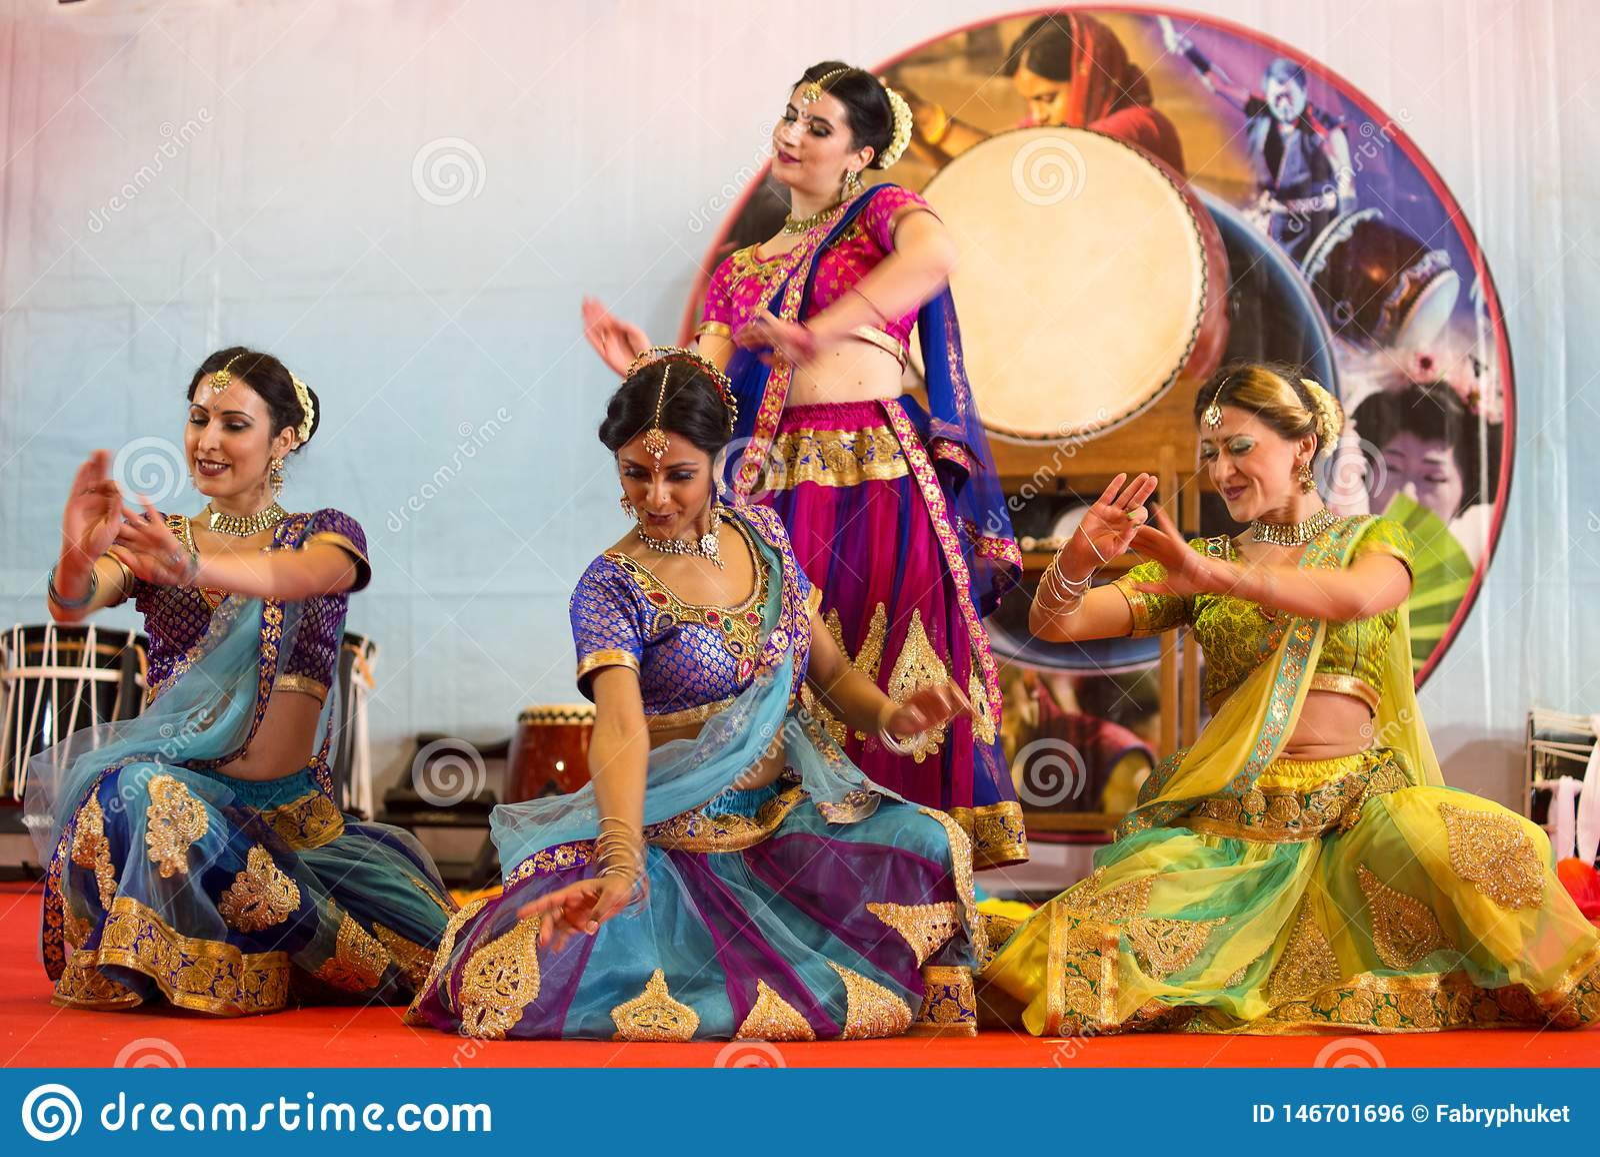 Το Bollywood παρουσιάζει κατά τη διάρκεια του ασιατικού φεστιβάλ στη Γένοβα, Ιταλία